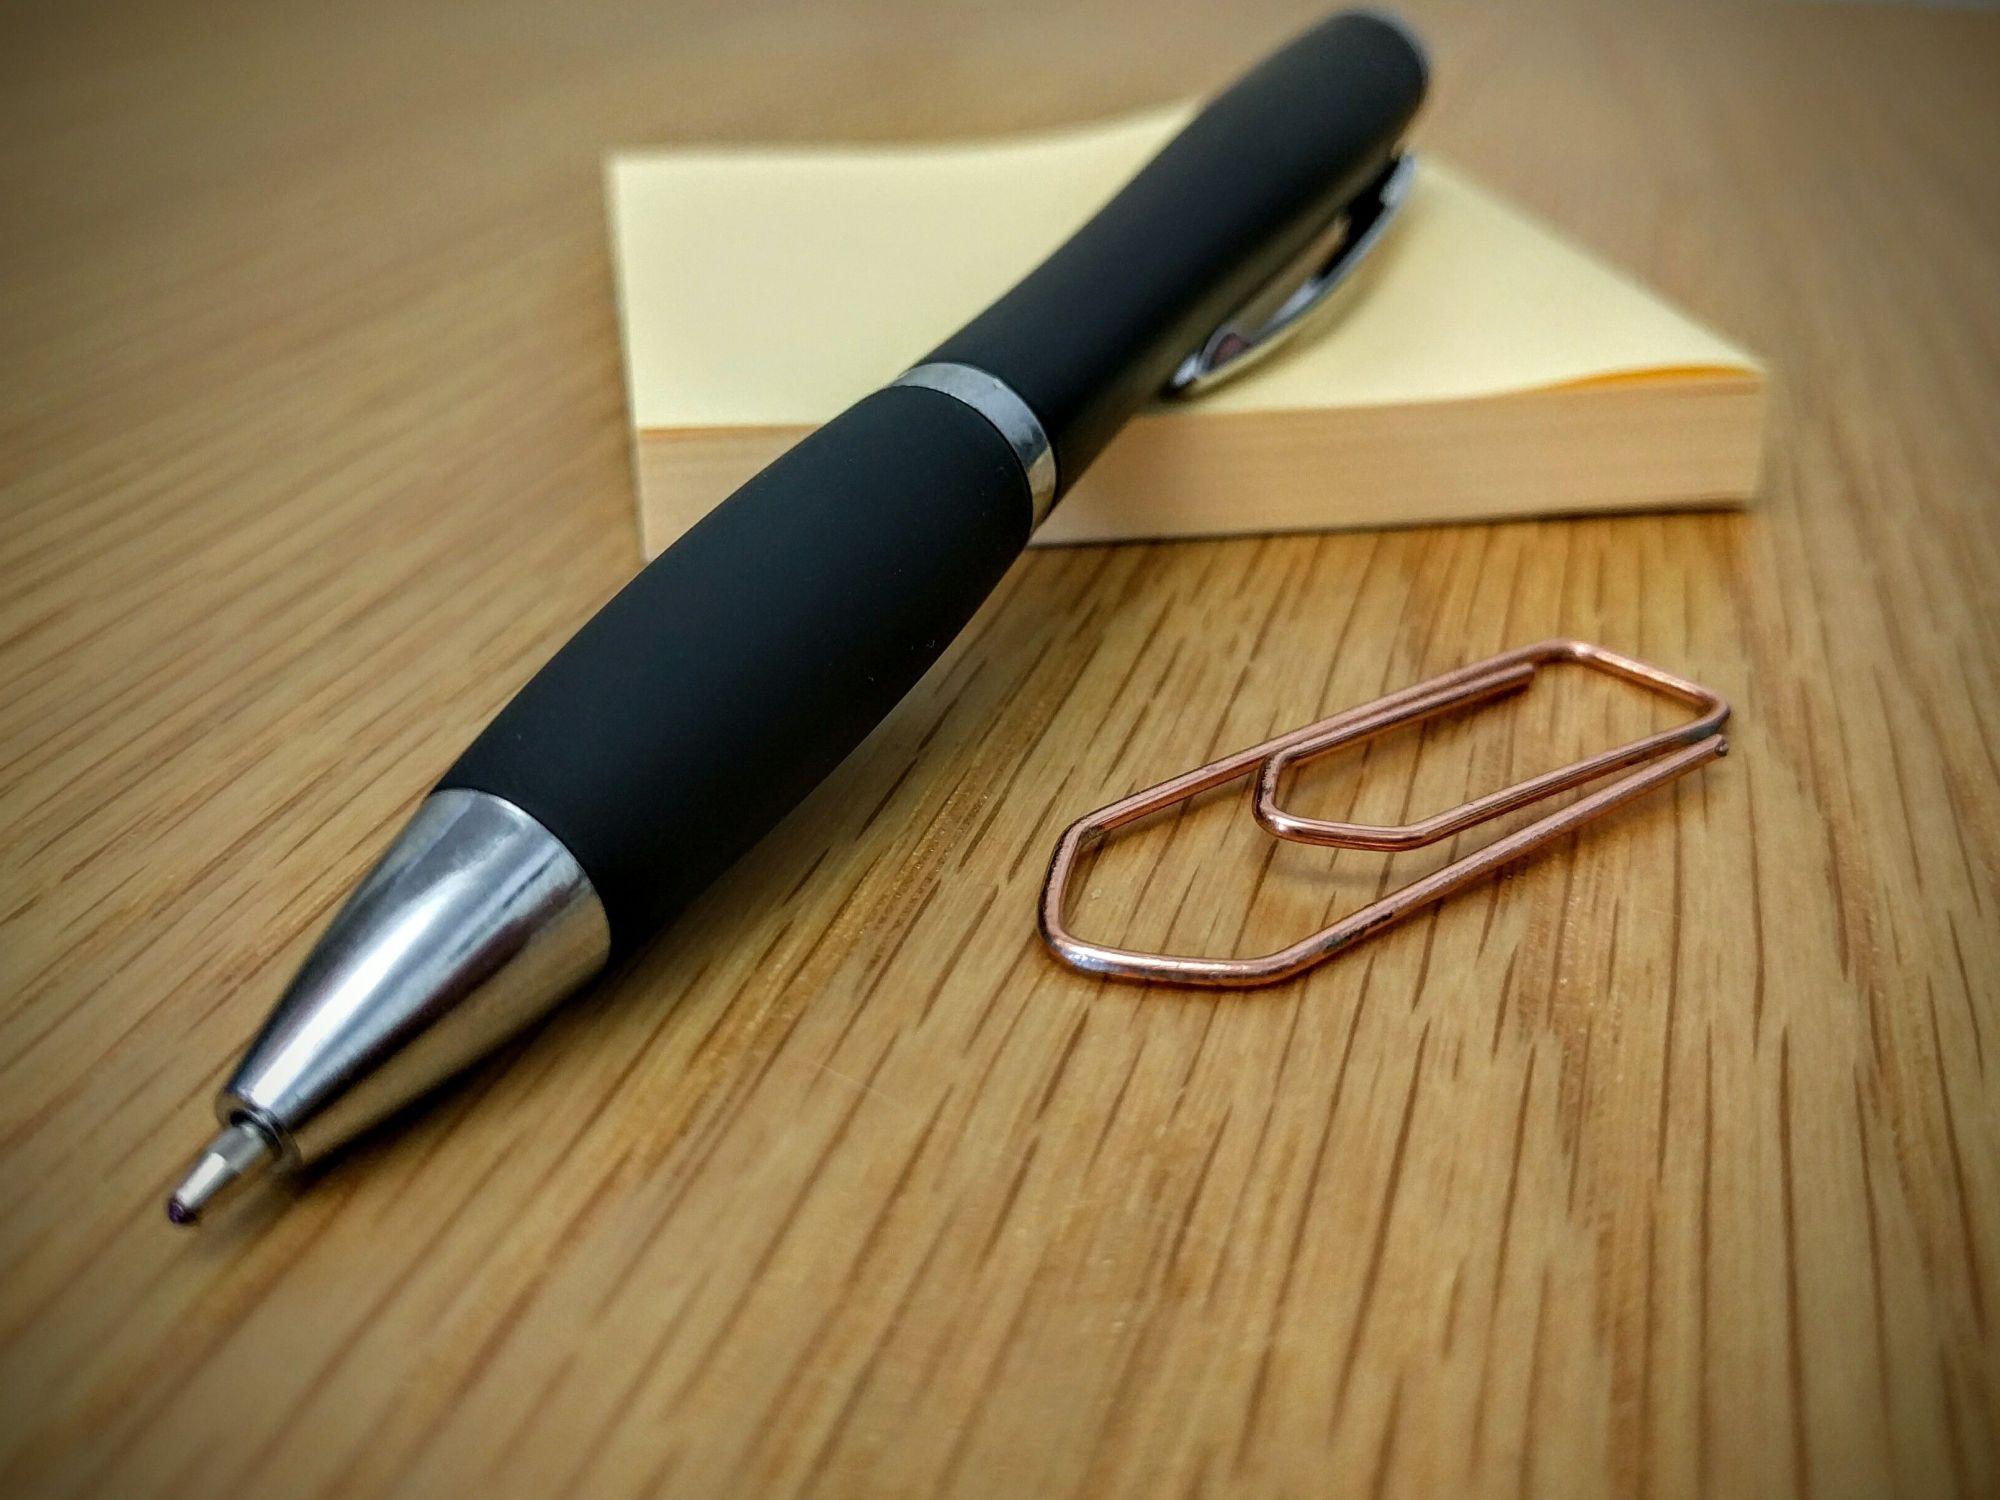 post-it, a pen, and a paper clip